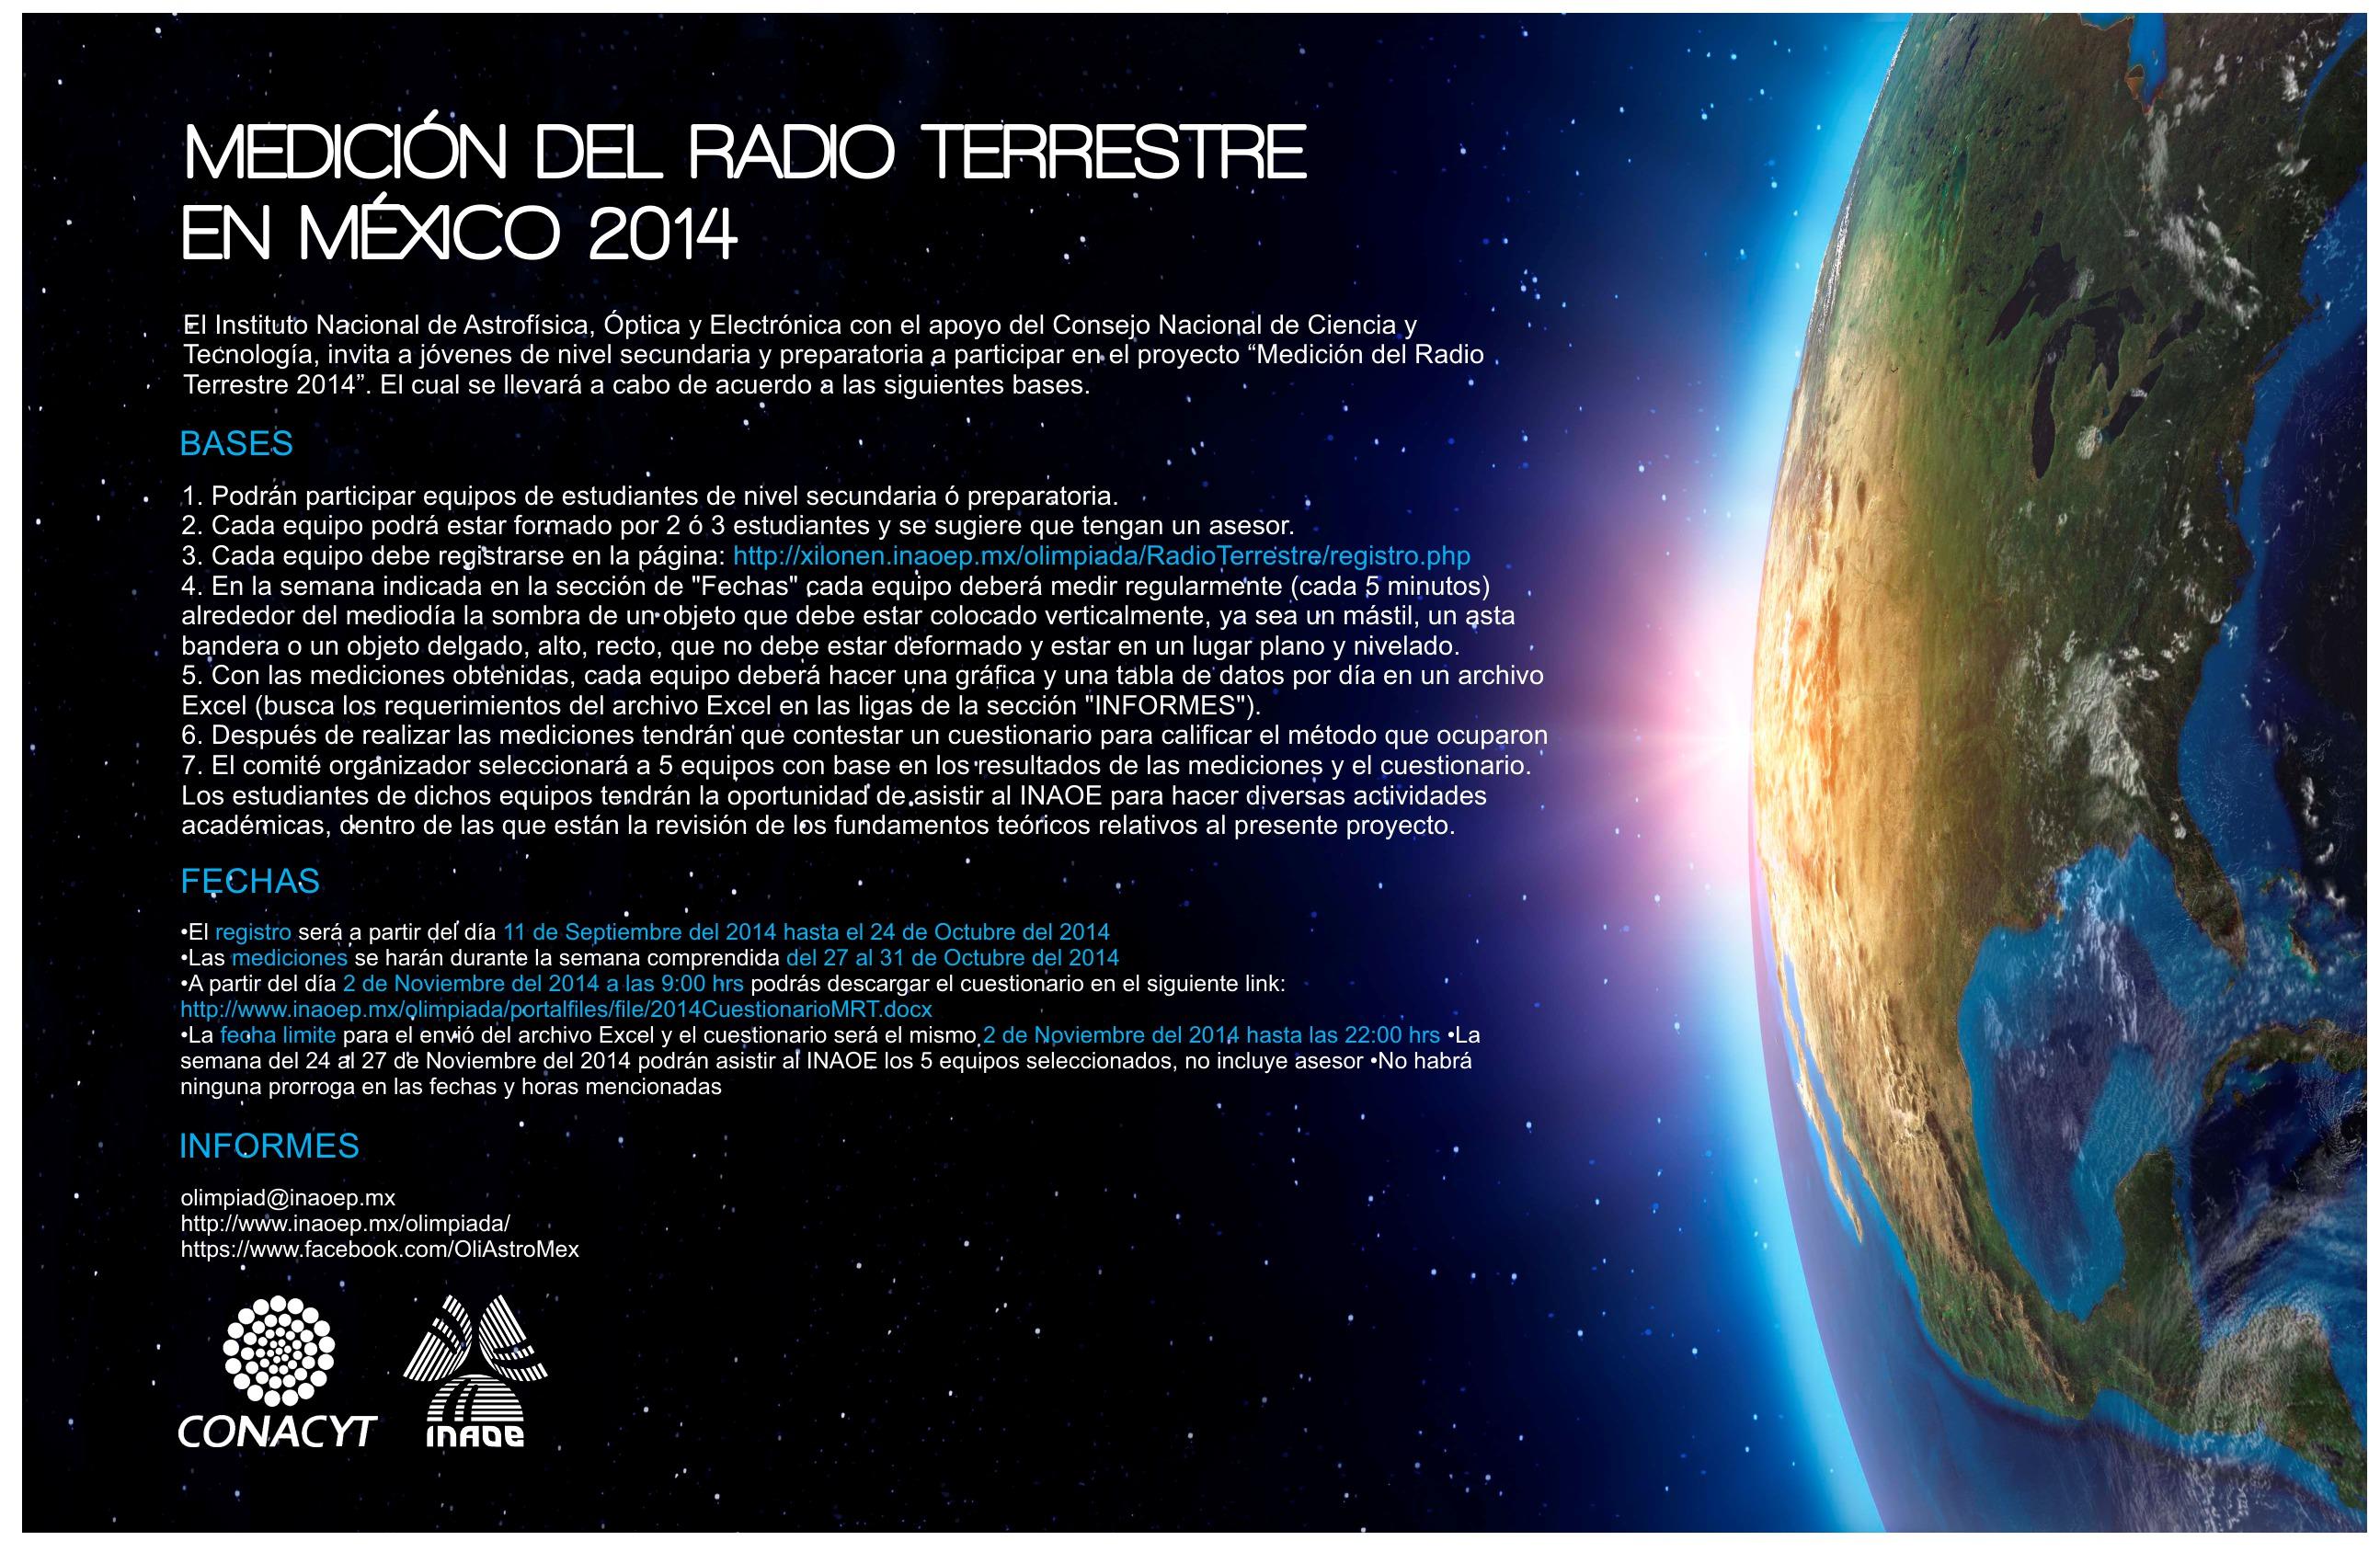 Medición del Radio Terrestre